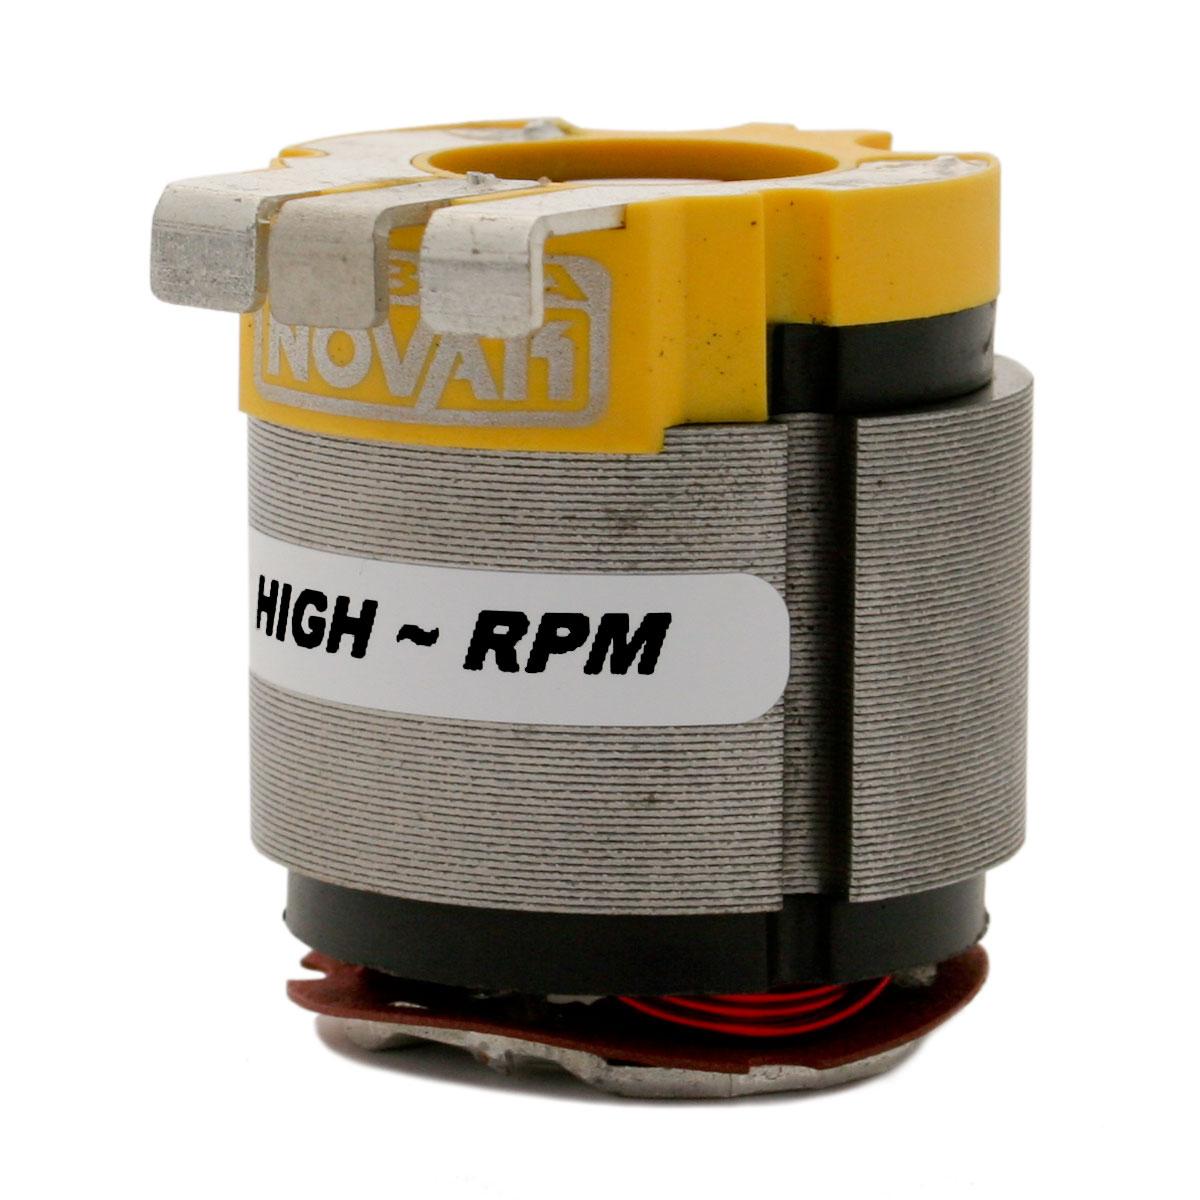 Novak High RPM Spec Stator